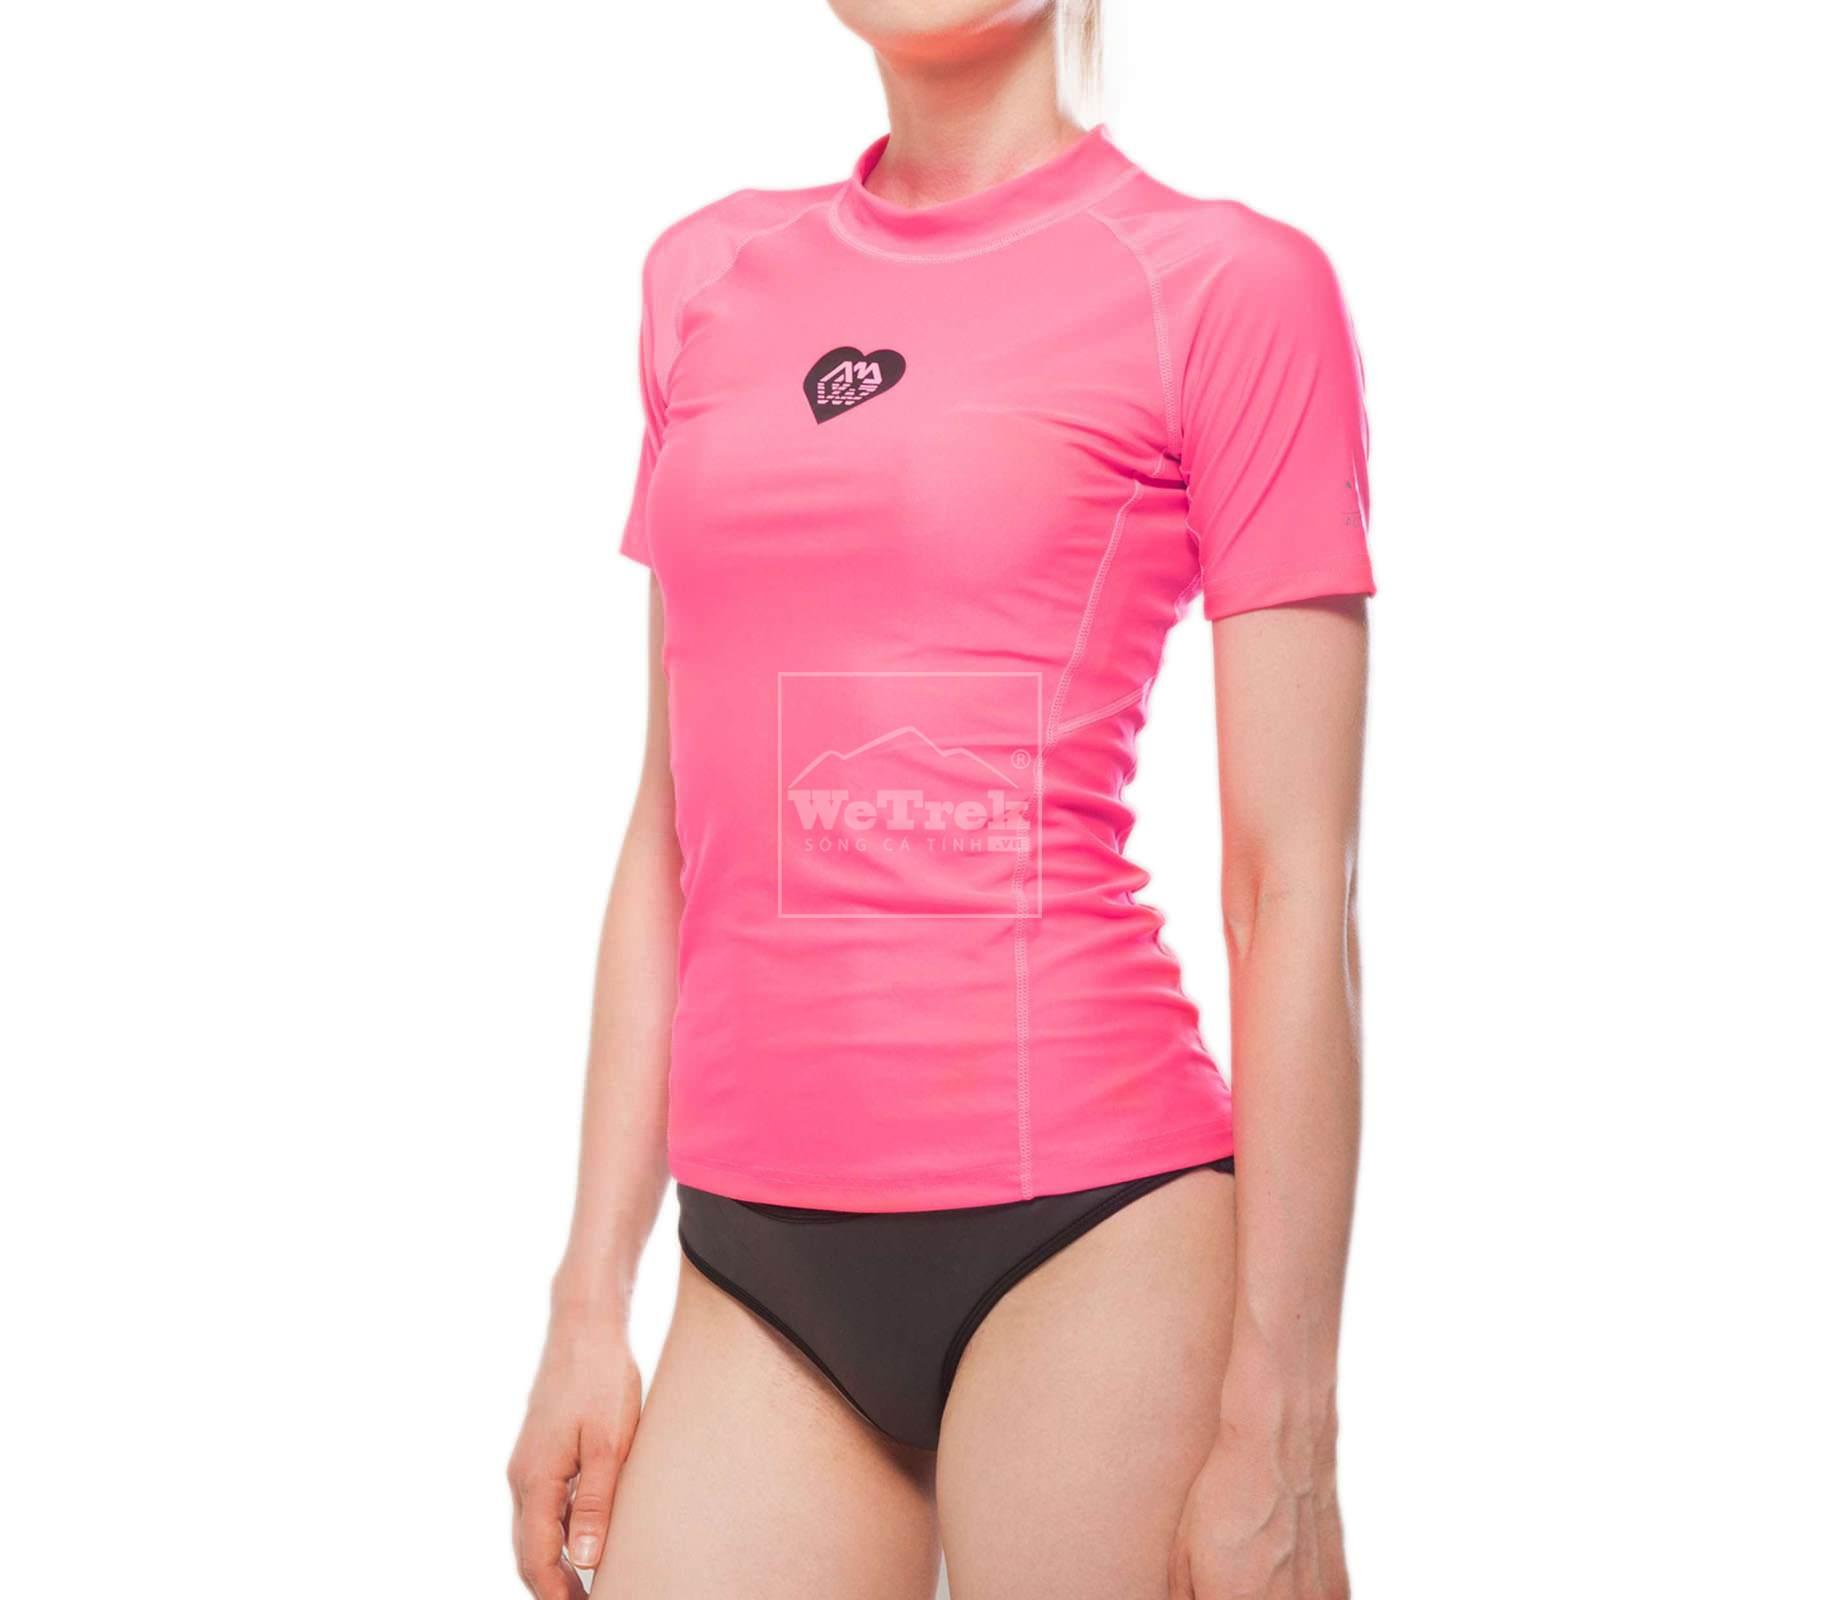 Áo bơi chống nắng nữ ngắn tay Alluv Women